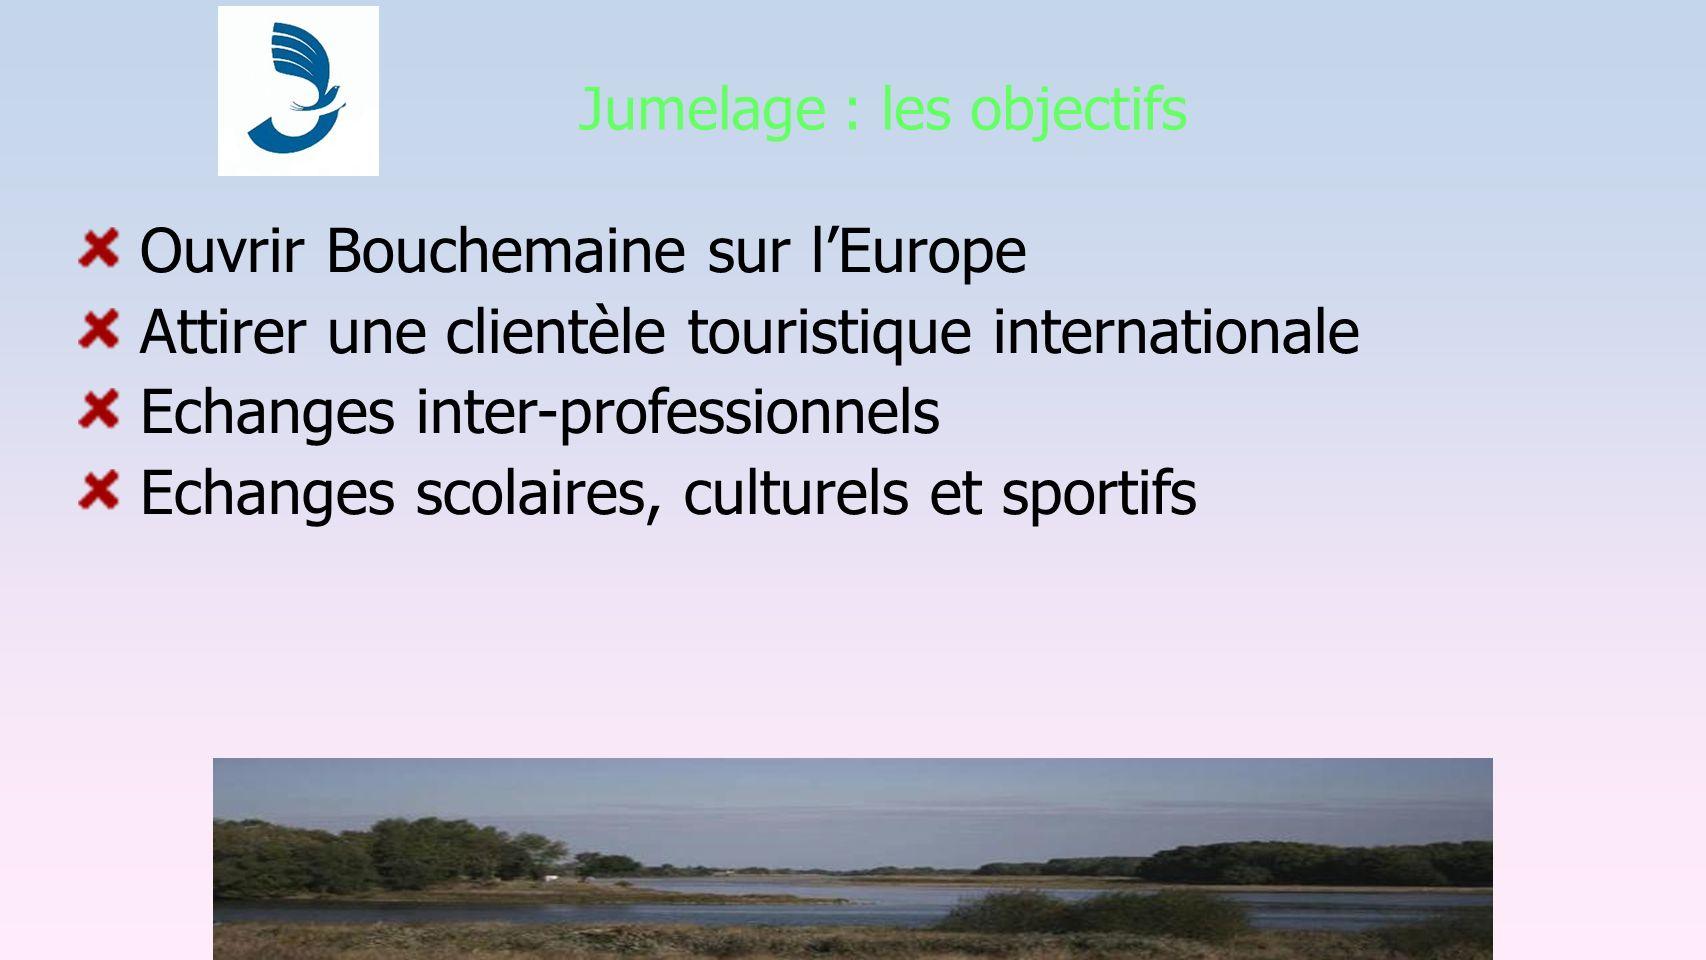 Jumelage : les objectifs Ouvrir Bouchemaine sur lEurope Attirer une clientèle touristique internationale Echanges inter-professionnels Echanges scolaires, culturels et sportifs